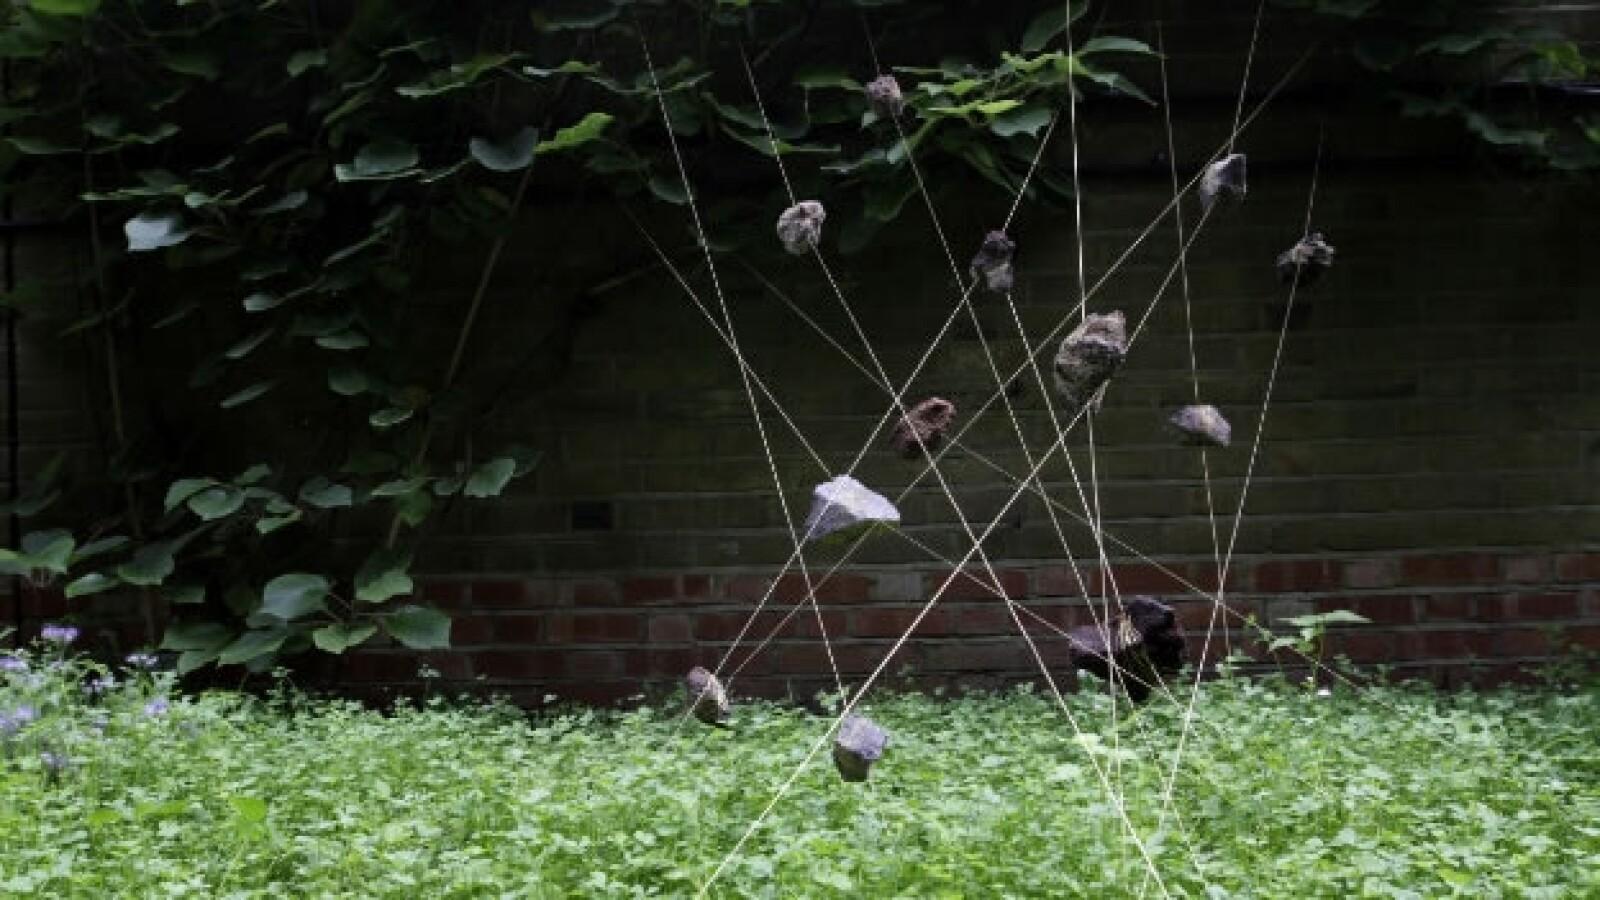 jardín escultórico medio ambiente 02